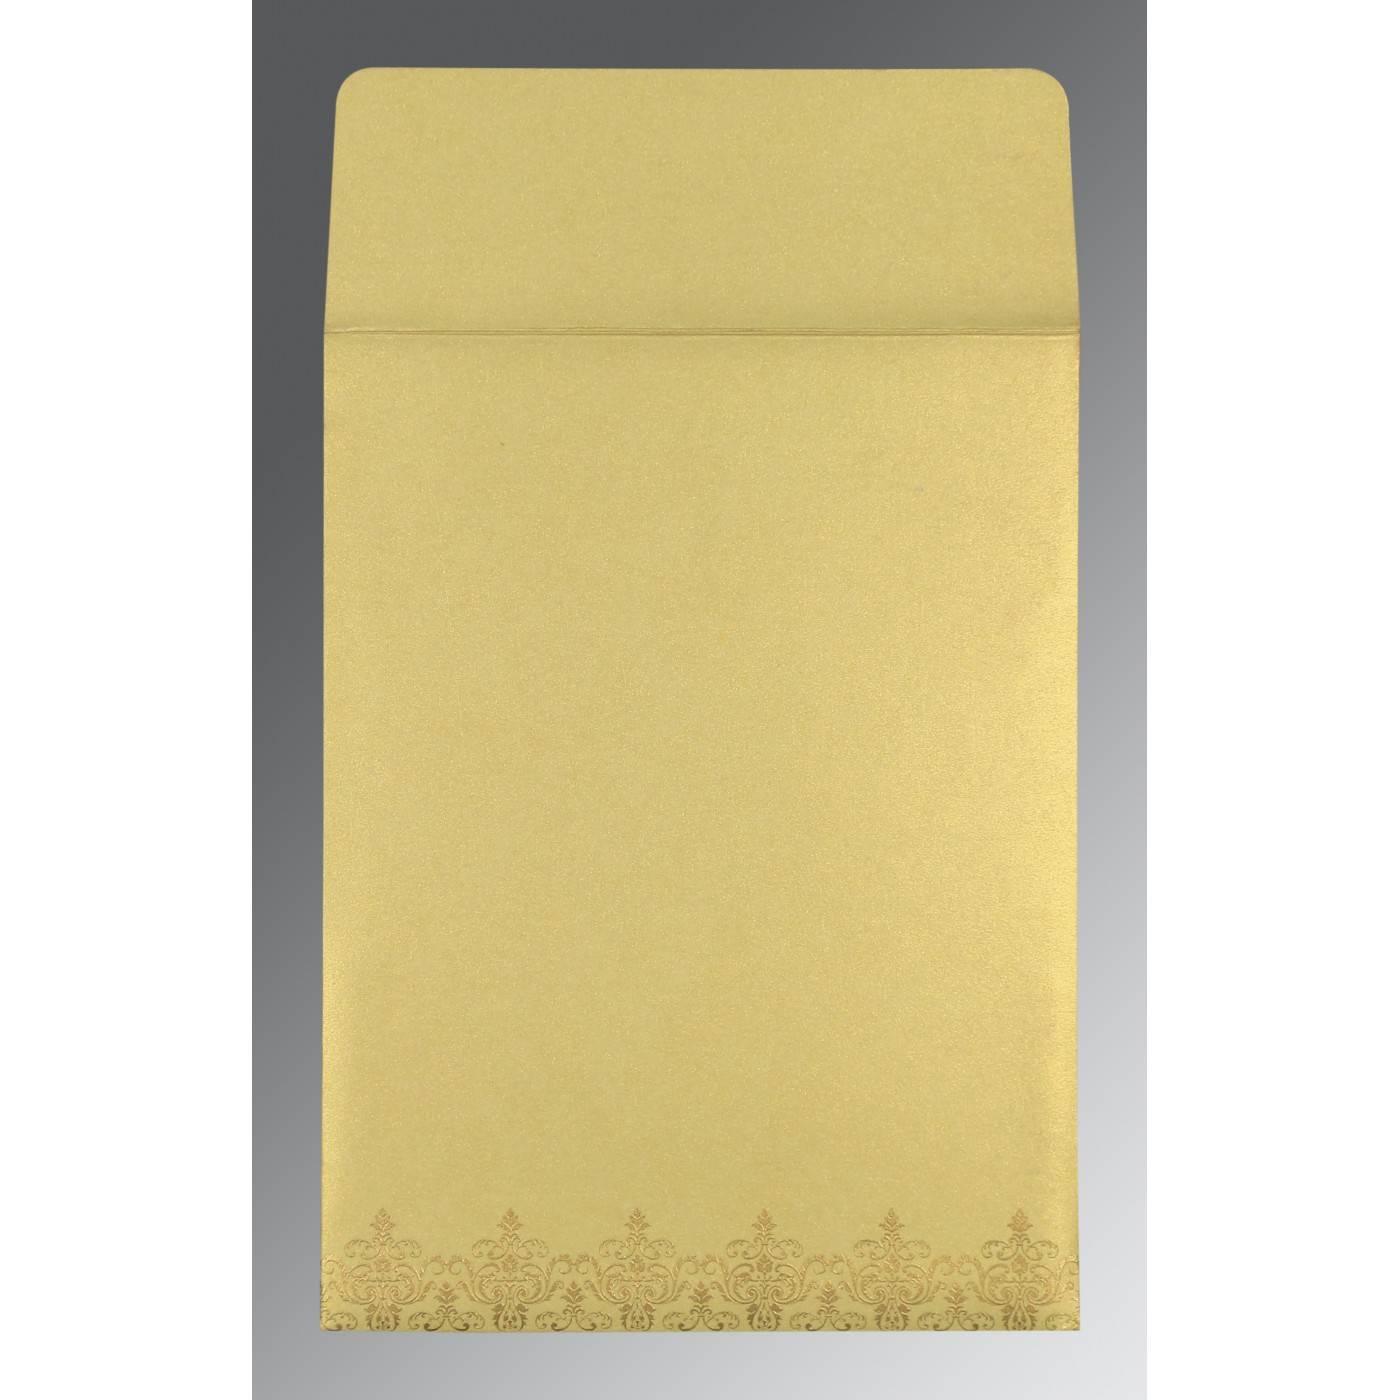 STRAW YELLOW SHIMMERY SCREEN PRINTED WEDDING CARD : CRU-8244J - IndianWeddingCards